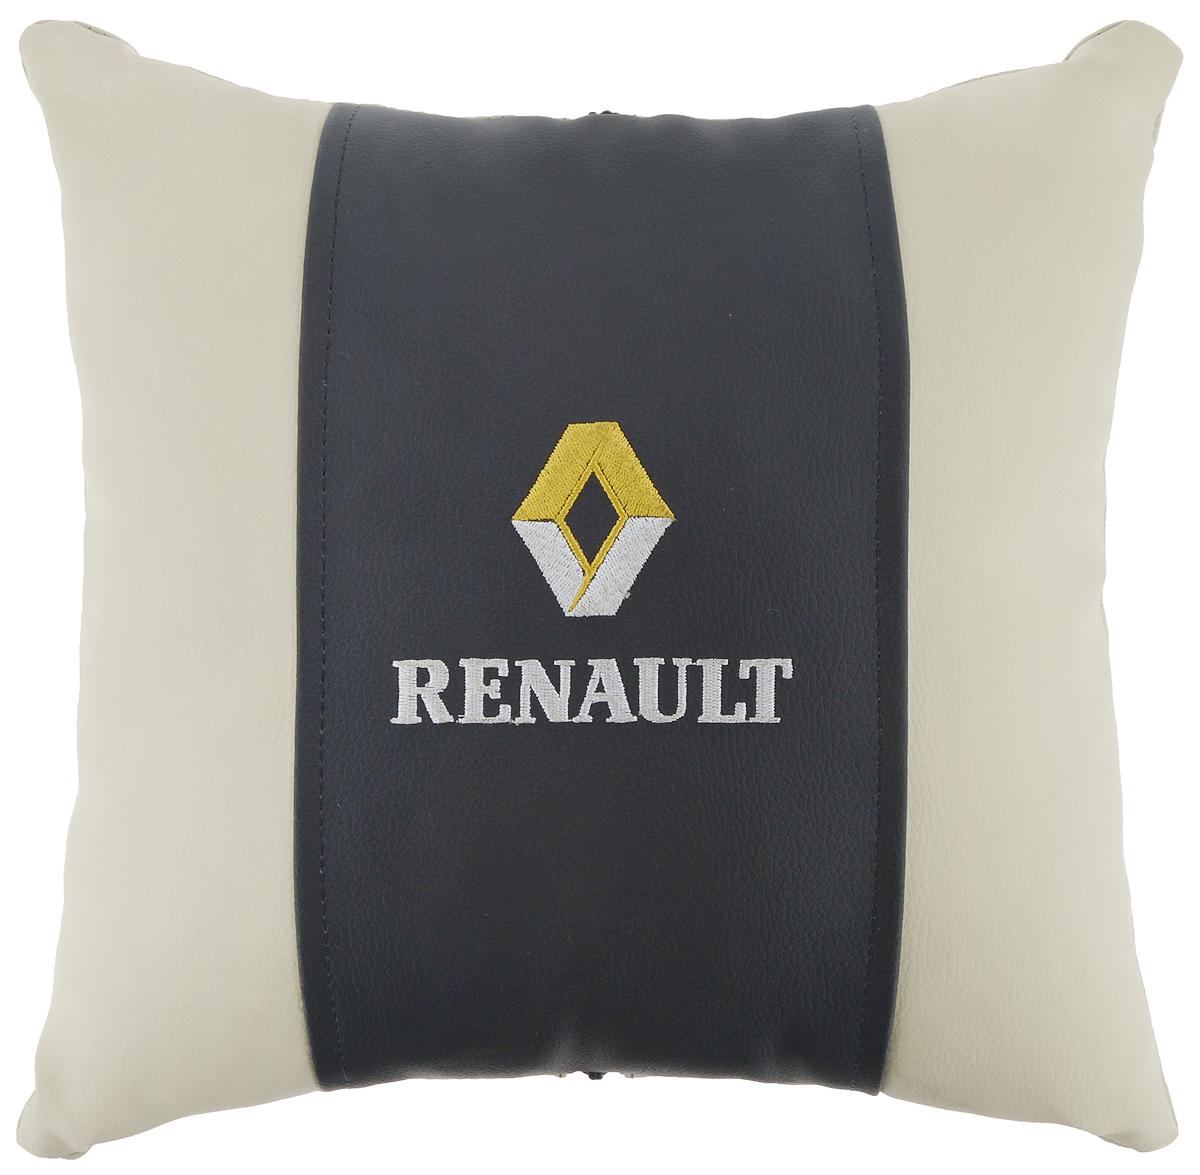 Подушка на сиденье Autoparts Renault, 30 х 30 см1004900000360Подушка на сиденье Autoparts Renault создана для тех, кто весь свой день вынужден проводить за рулем. Чехол выполнен из высококачественной дышащей экокожи. Наполнителем служит холлофайбер. На задней части подушки имеется змейка.Особенности подушки:- Хорошо проветривается.- Предупреждает потение.- Поддерживает комфортную температуру.- Обминается по форме тела.- Улучшает кровообращение.- Исключает затечные явления.- Предупреждает развитие заболеваний, связанных с сидячим образом жизни. Подушка также будет полезна и дома - при работе за компьютером, школьникам - при выполнении домашних работ, да и в любимом кресле перед телевизором.